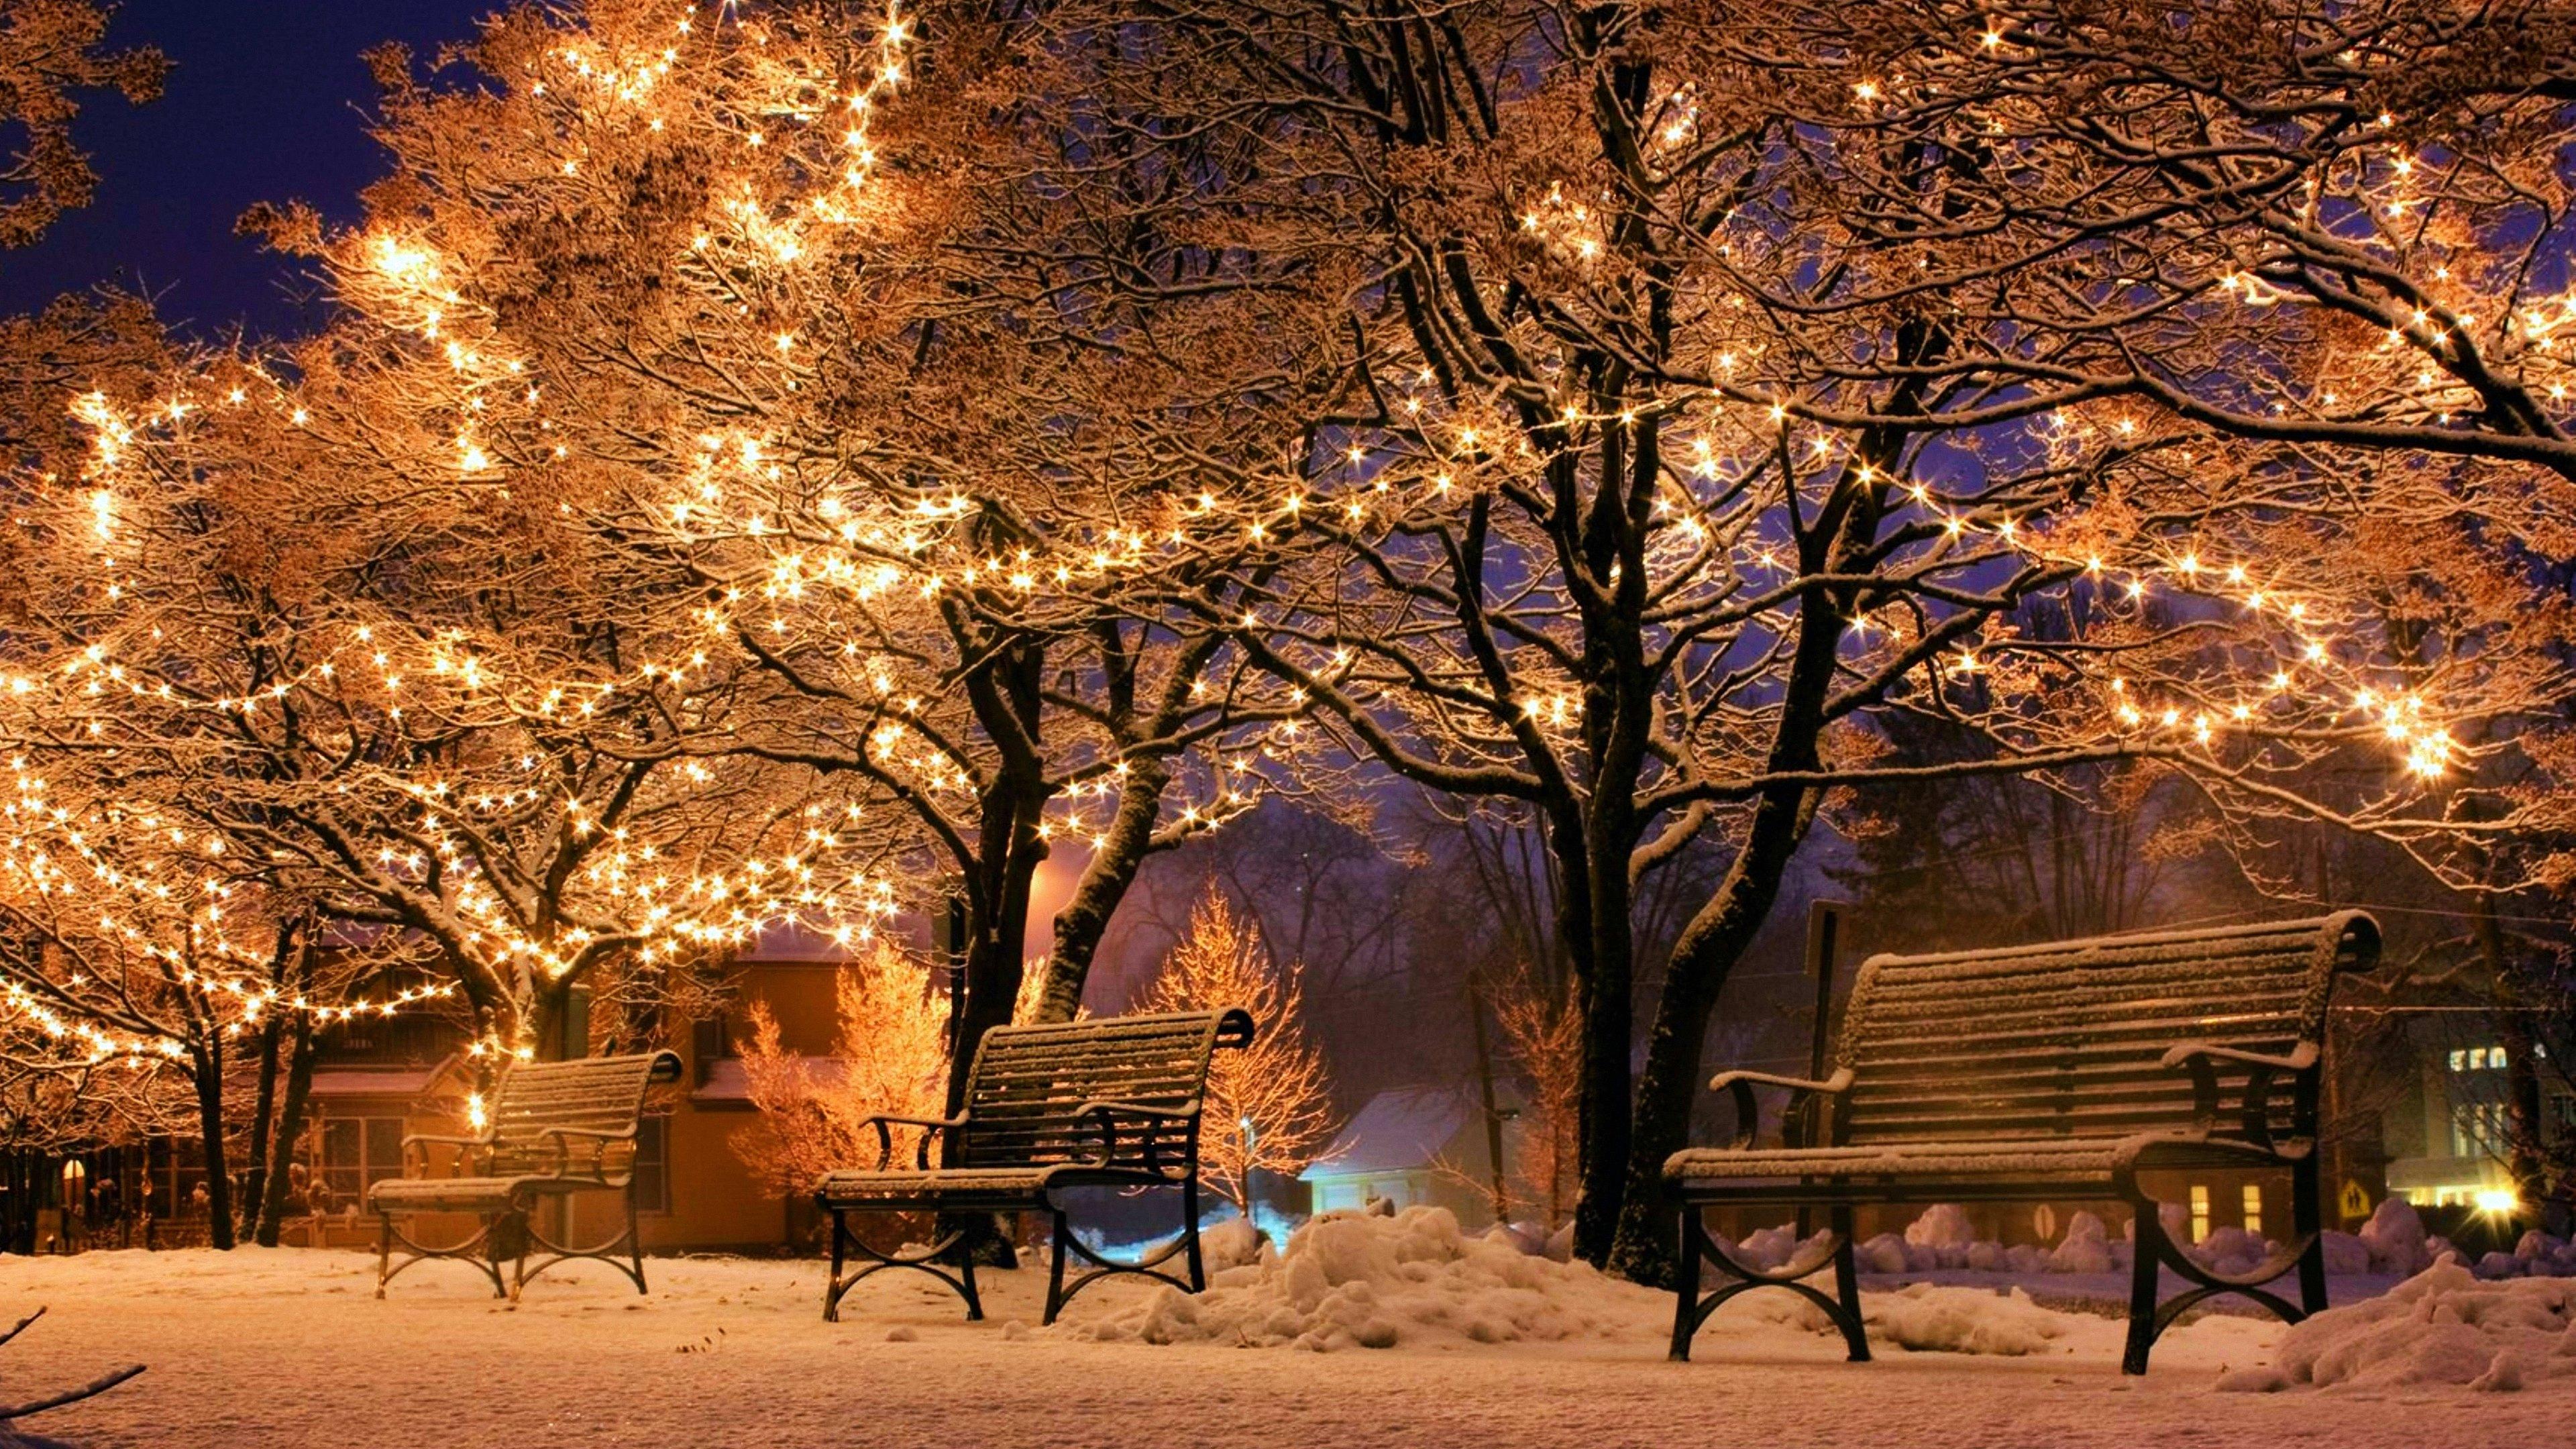 Weihnachtsbilder Hd.Hintergrundbilder Hd Weihnachten 3840x2160